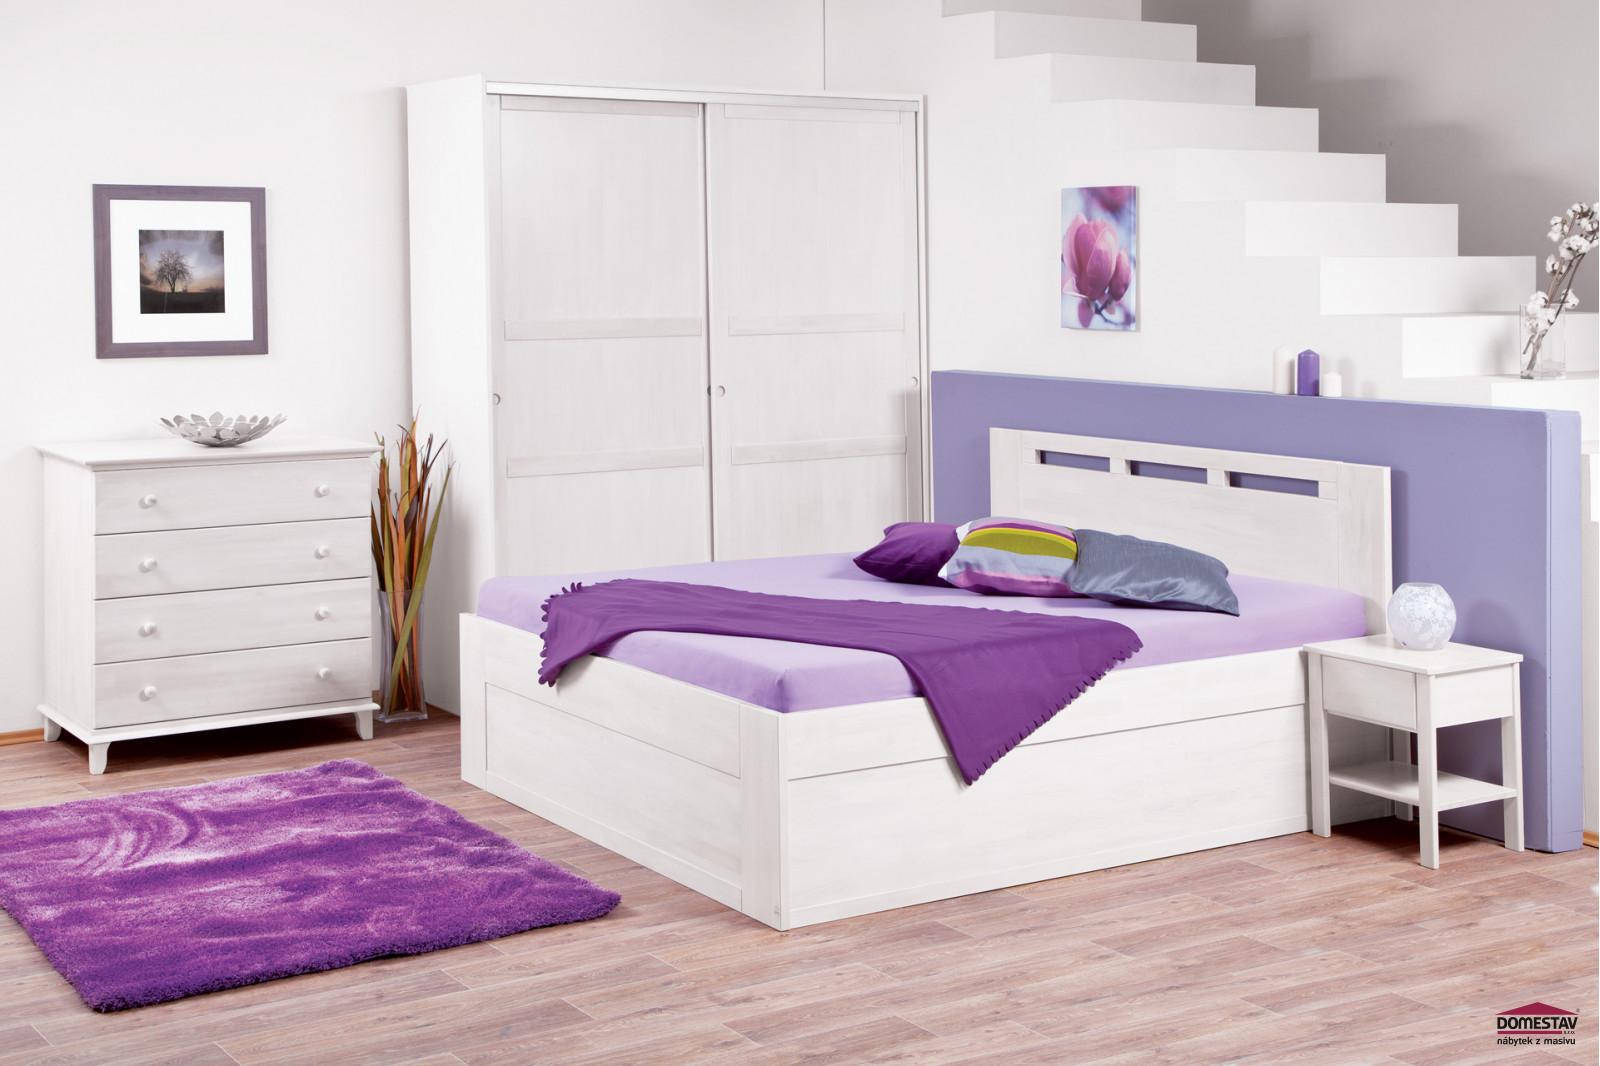 68737a1dc4e7 Manželská postel VALENCIA Senior s úložným prostorem 180 cm buk cink.  Katalogové číslo 191 BC